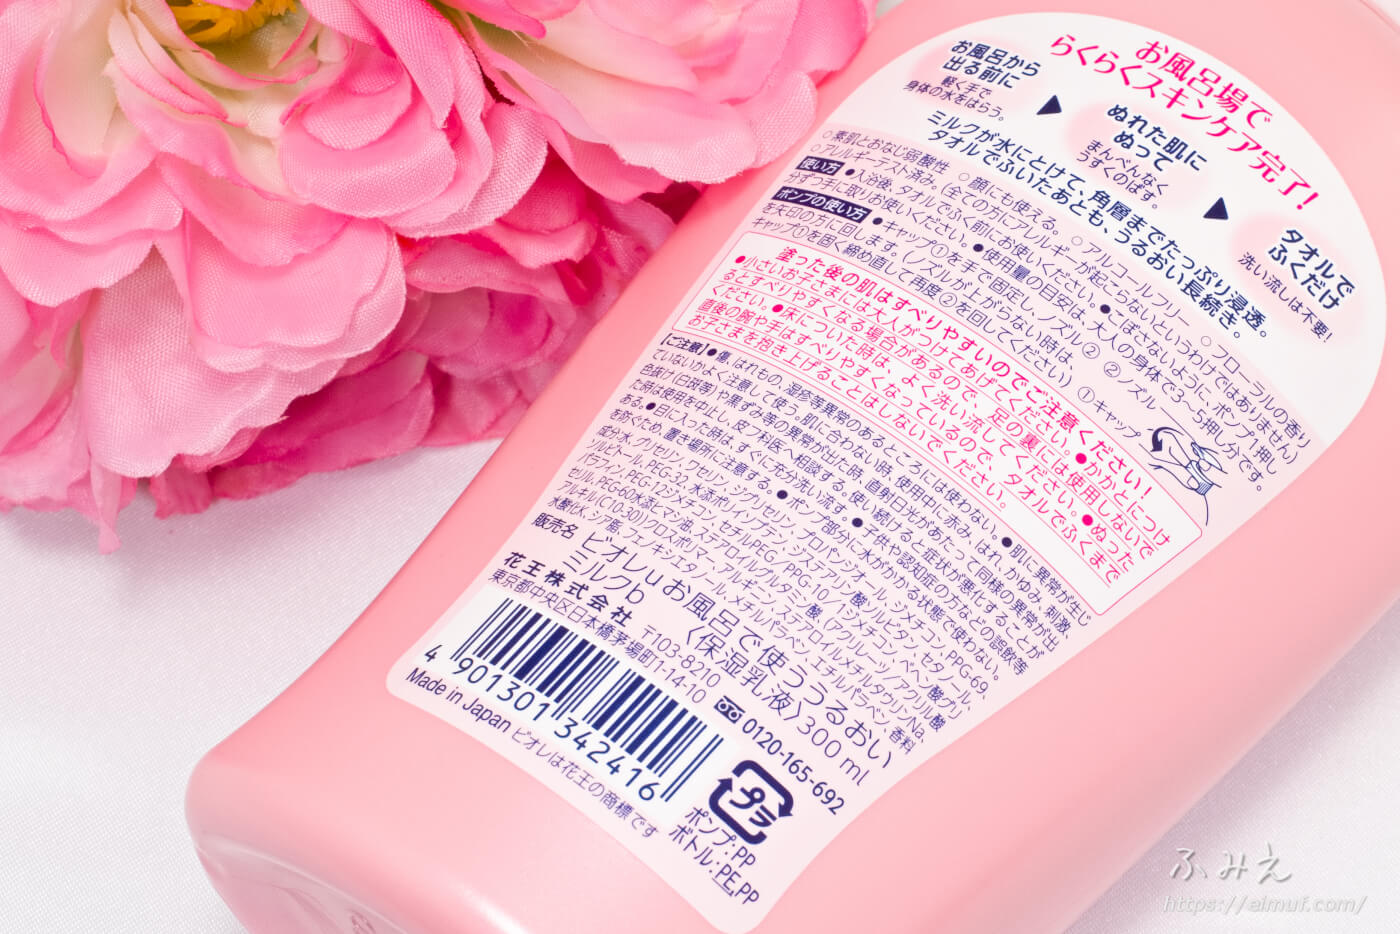 ビオレu お風呂で使う うるおいミルク(やさしいフローラルの香り) 本体裏面